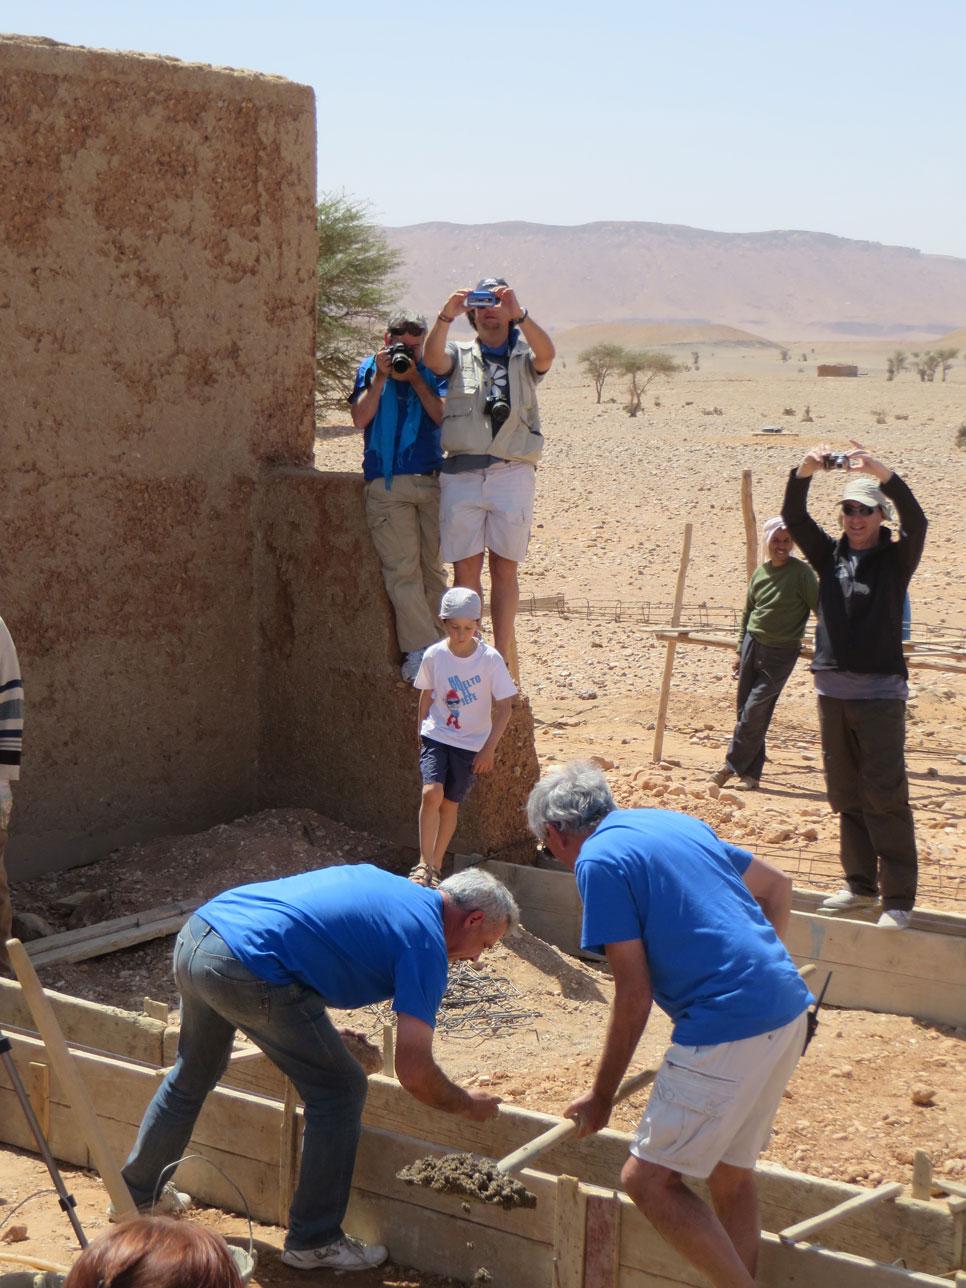 El Desierto de los Niños 2014